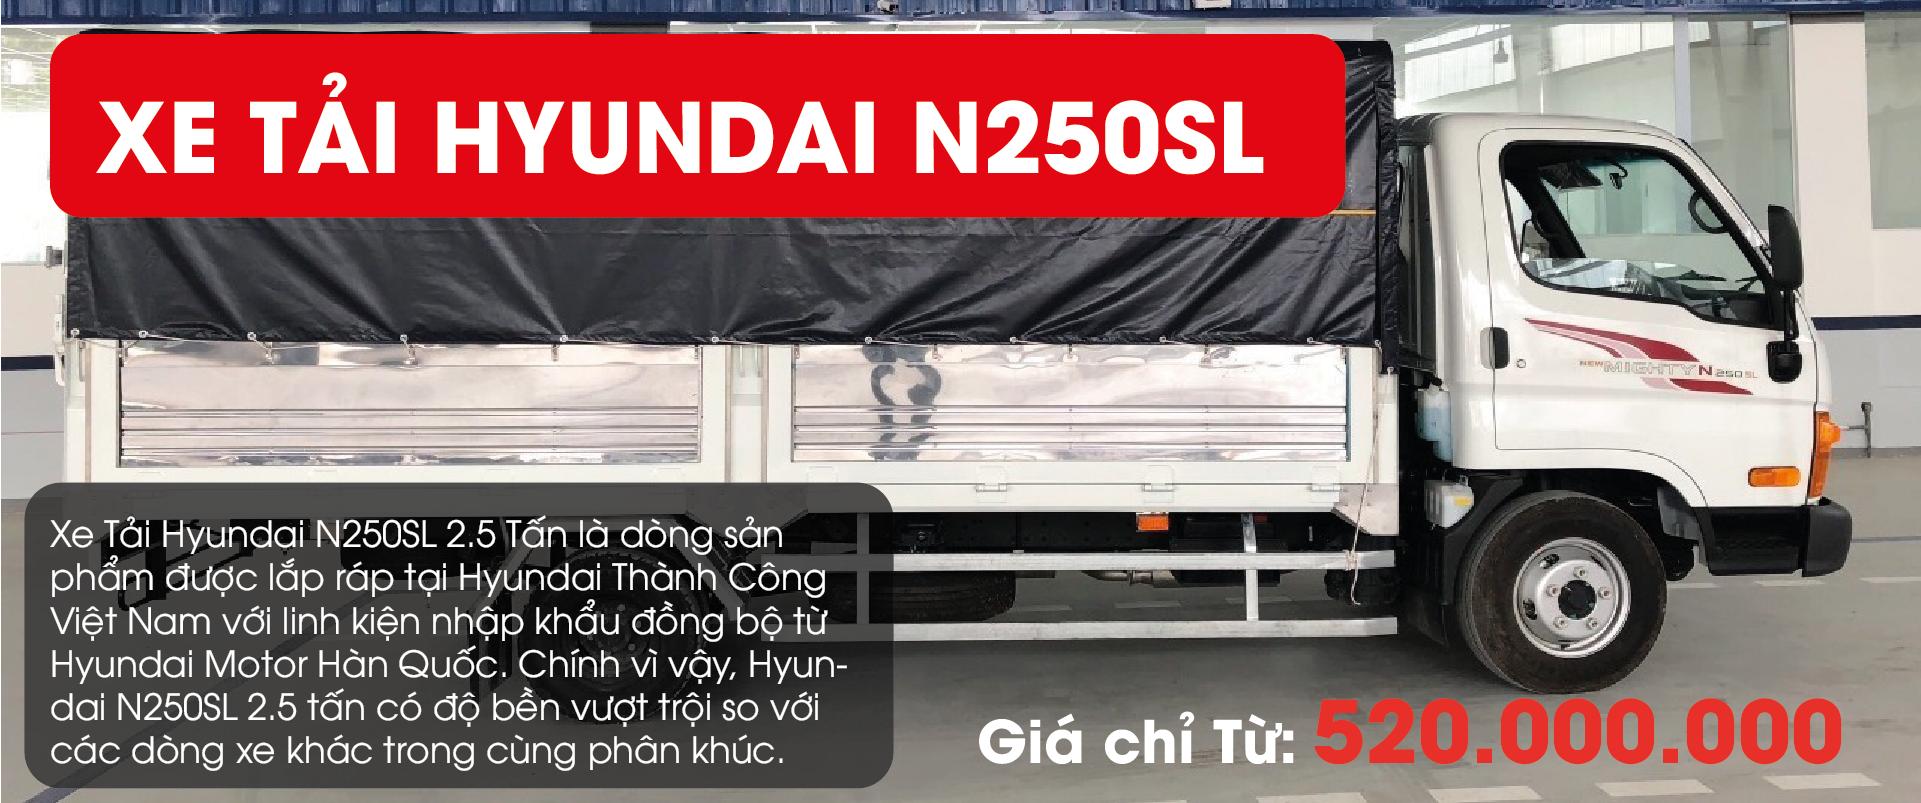 Hyundai N250SL 2.5 Tấn